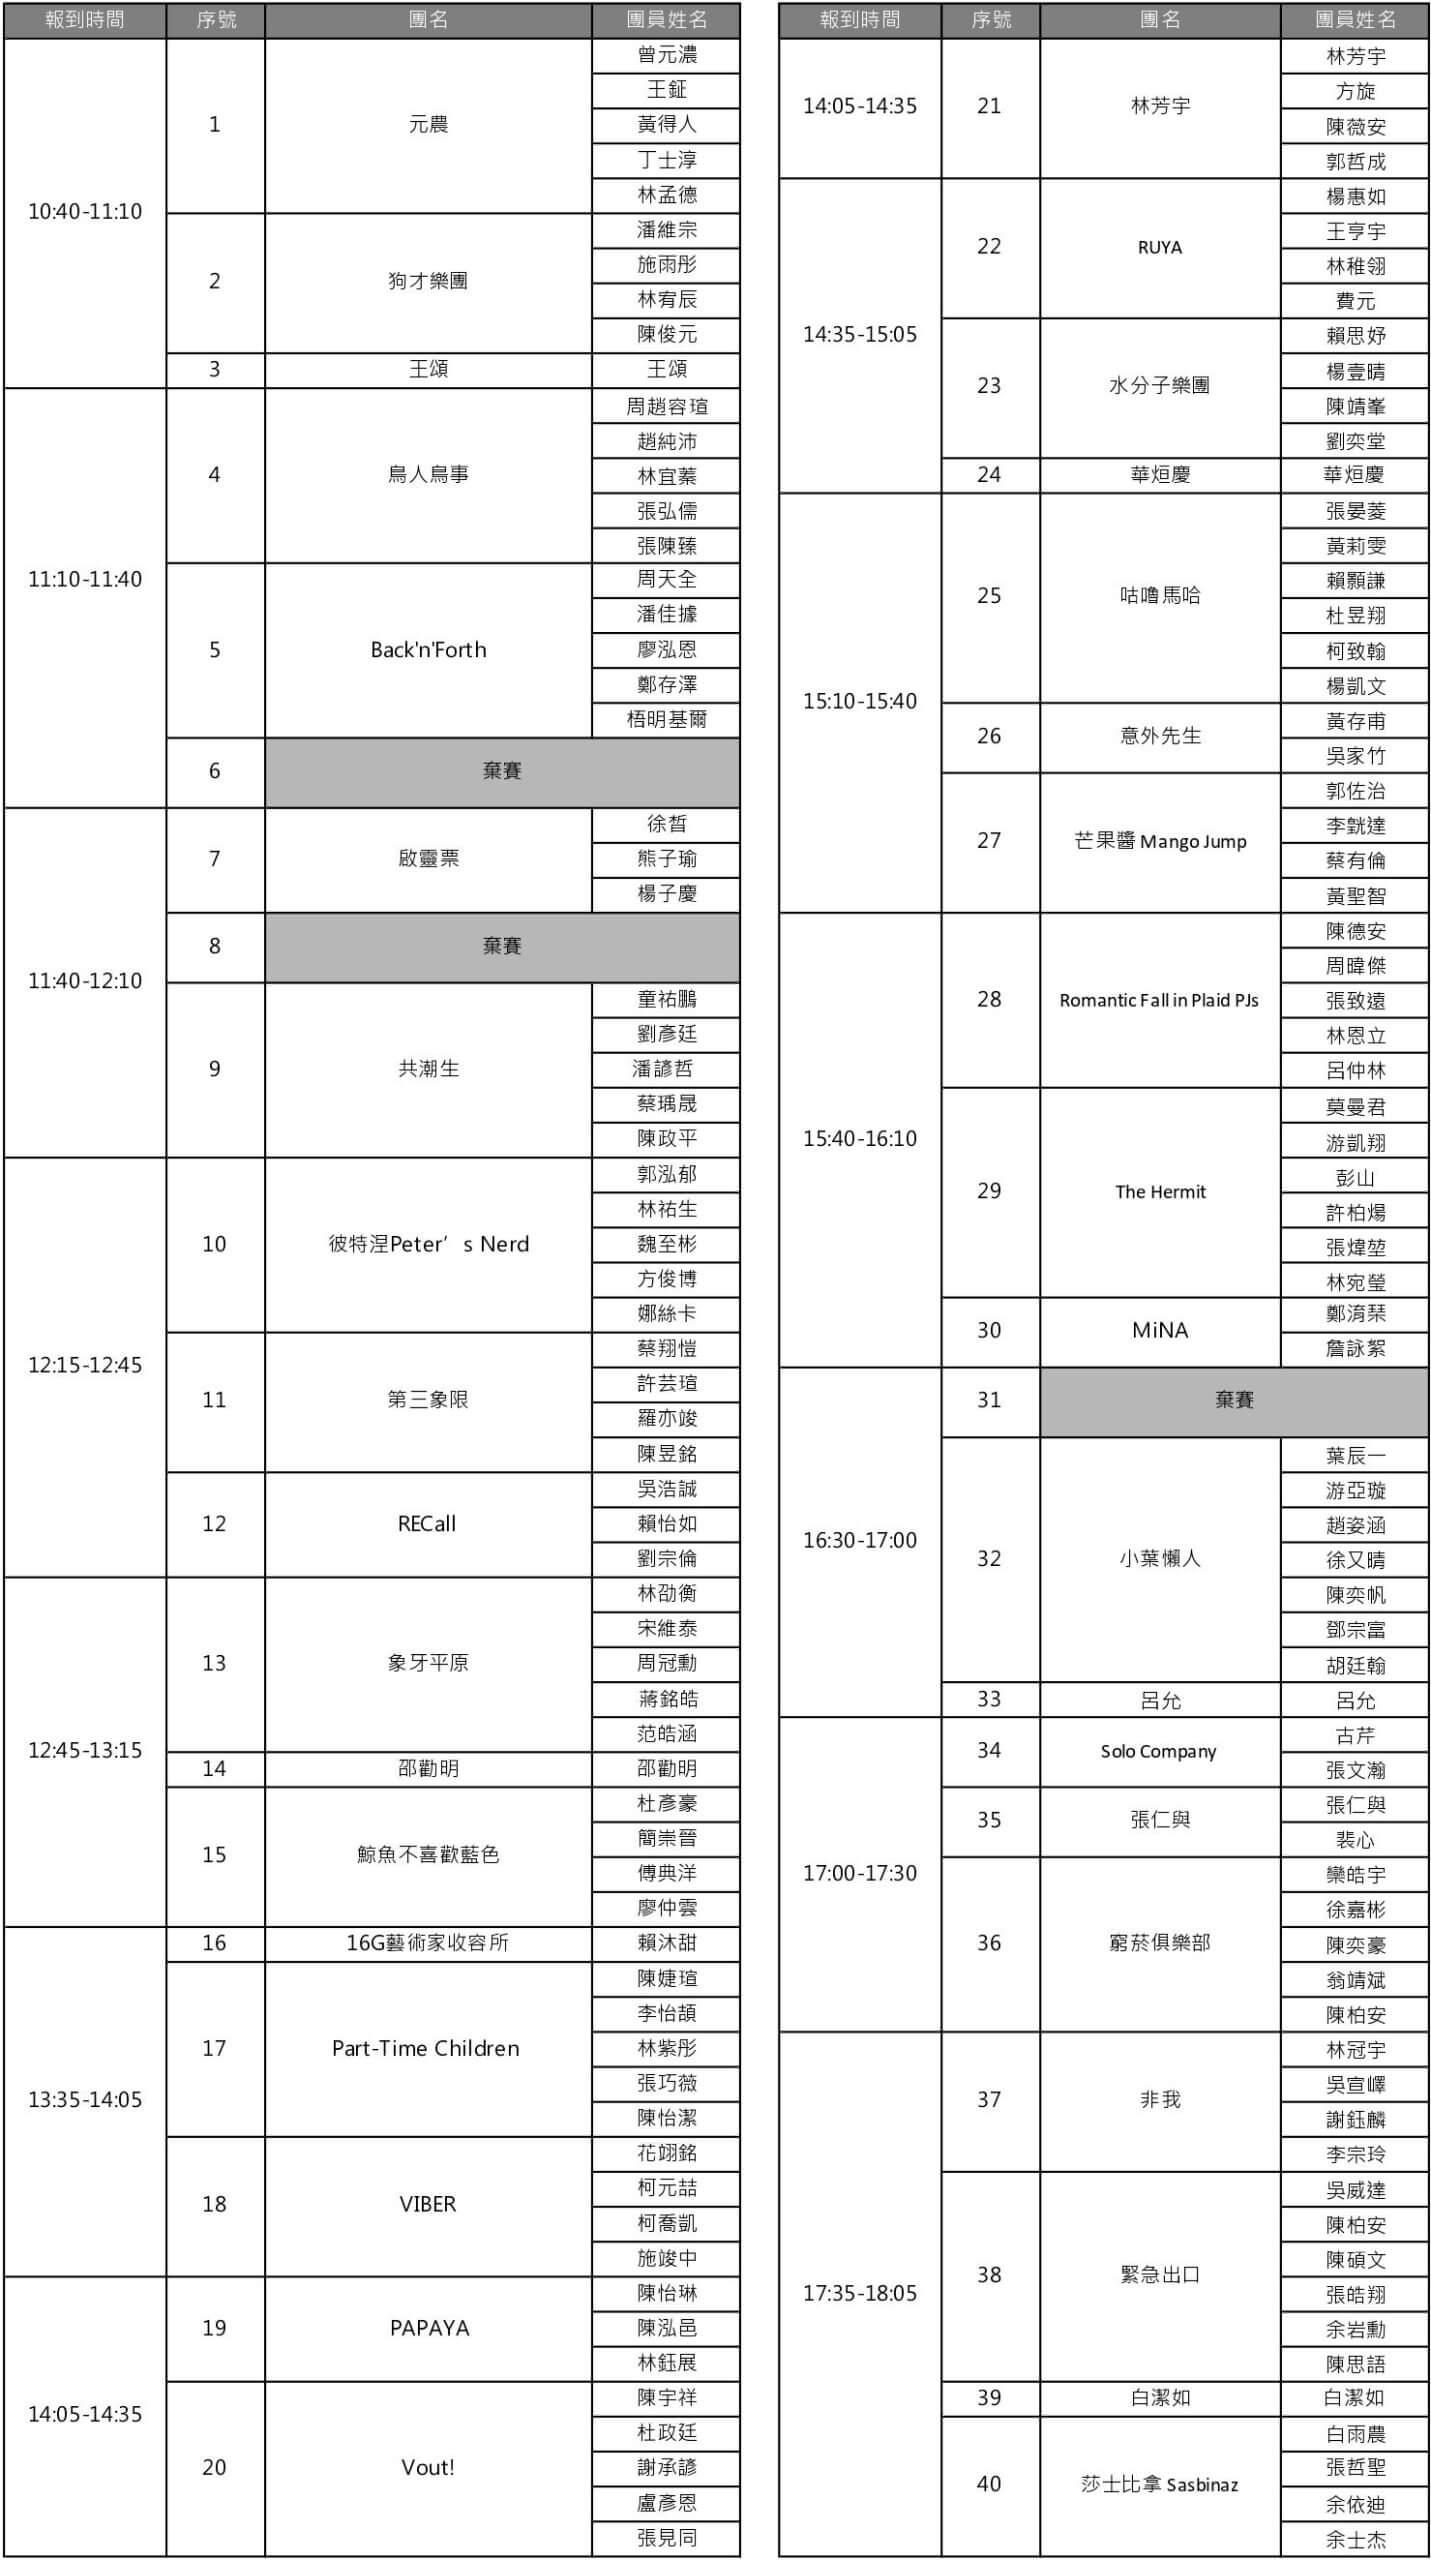 38金旋_創作組初賽入圍名單